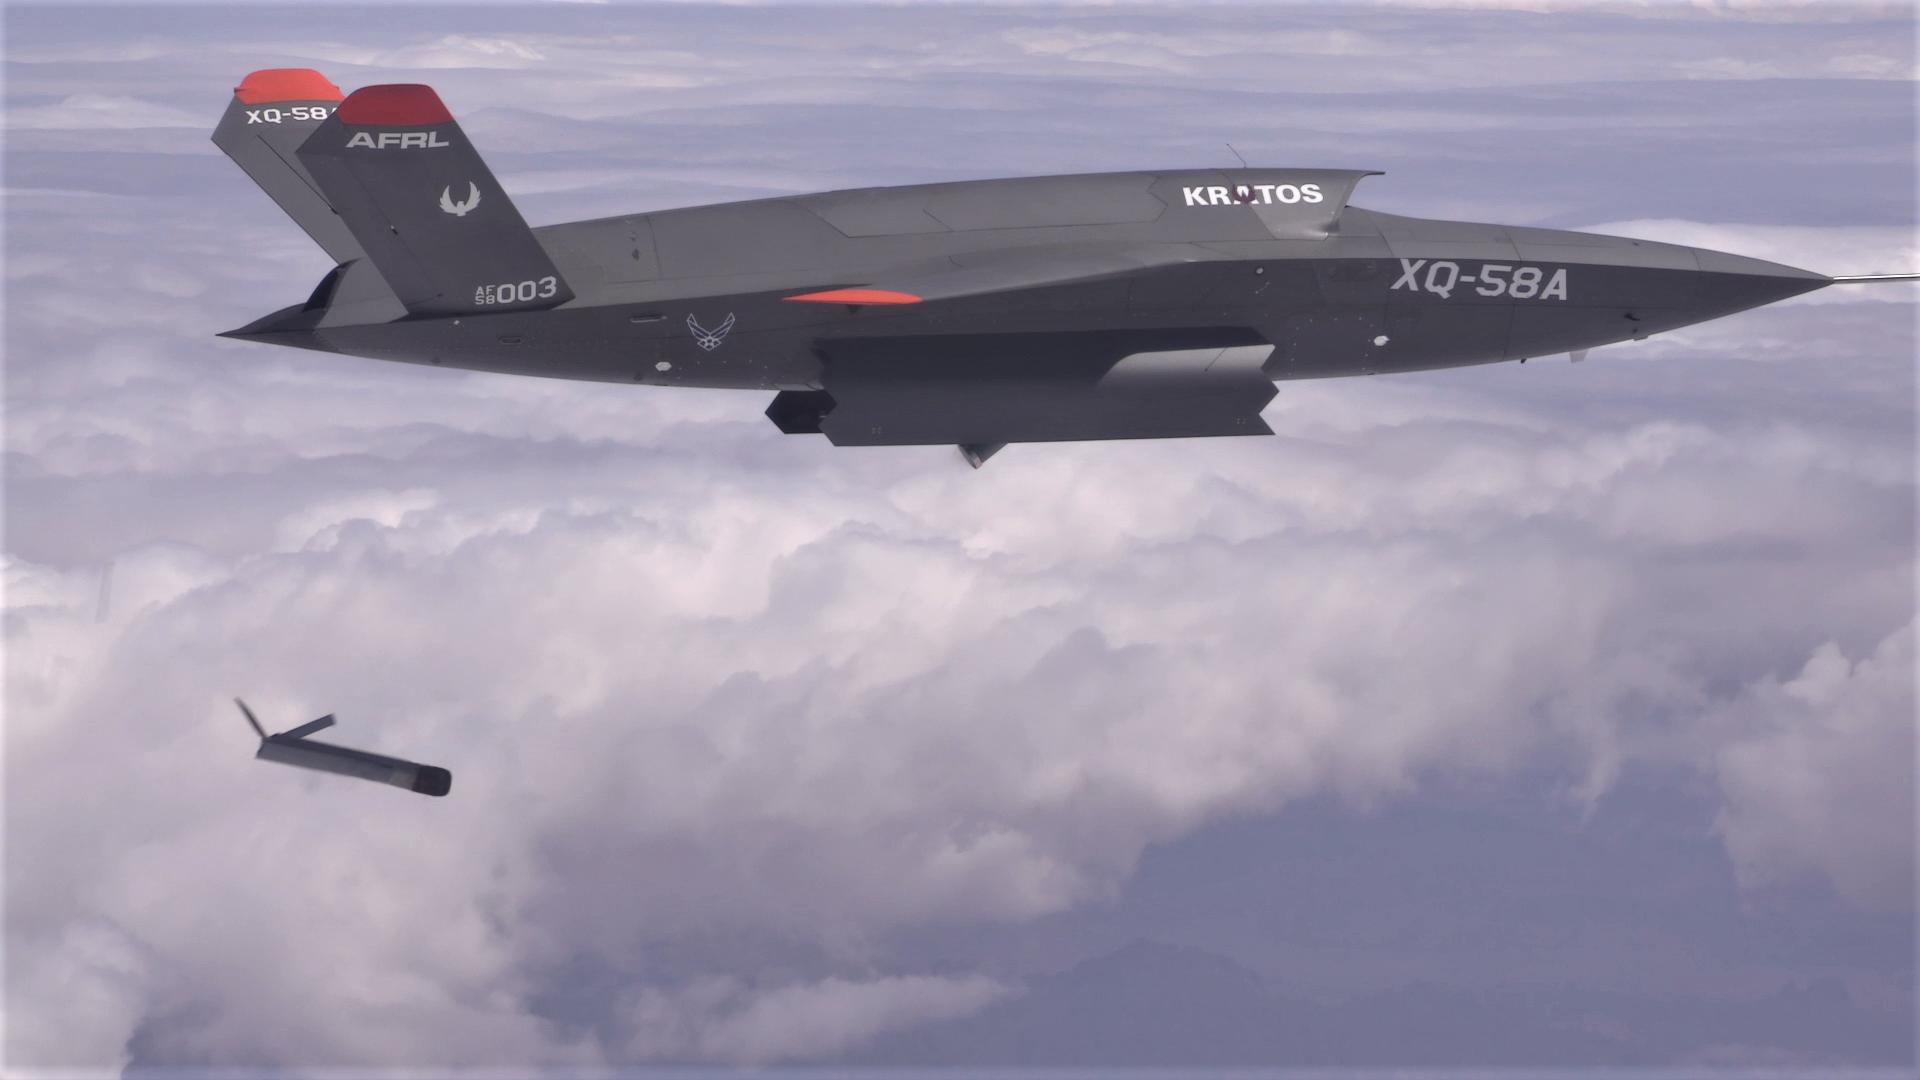 XQ-58A [USAF]